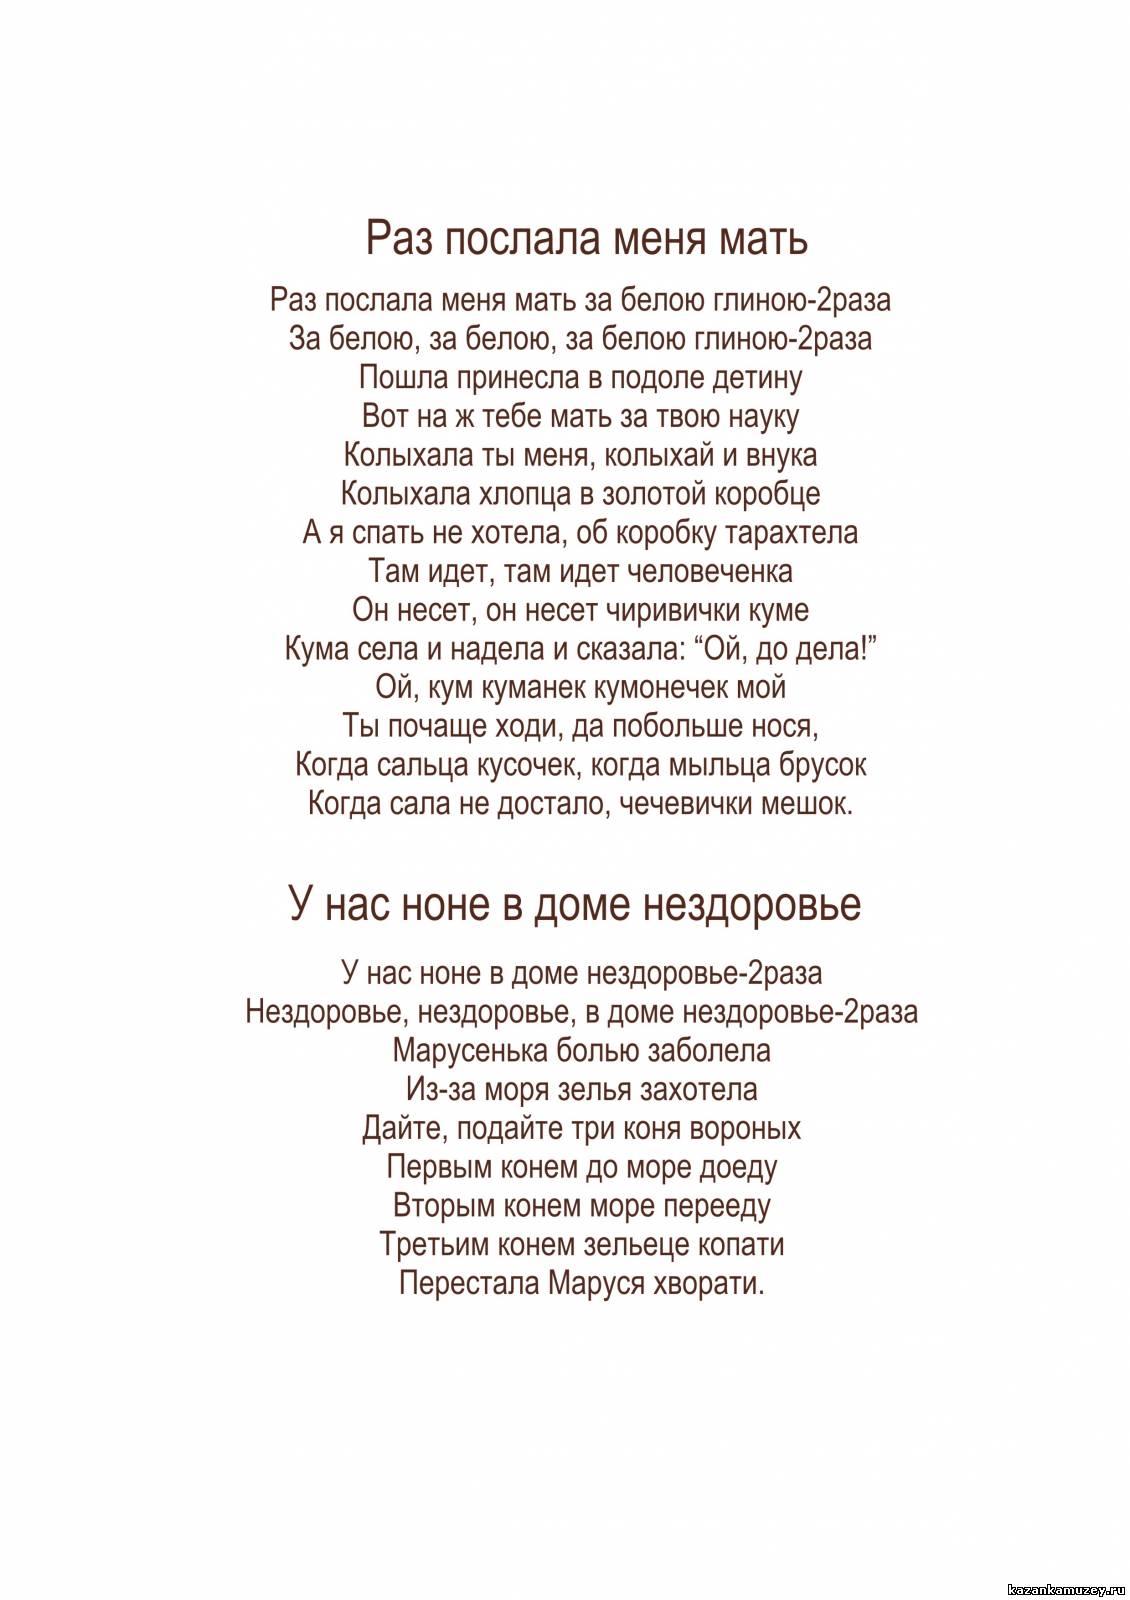 способ пожаловаться текст посылала меня мать России собирается